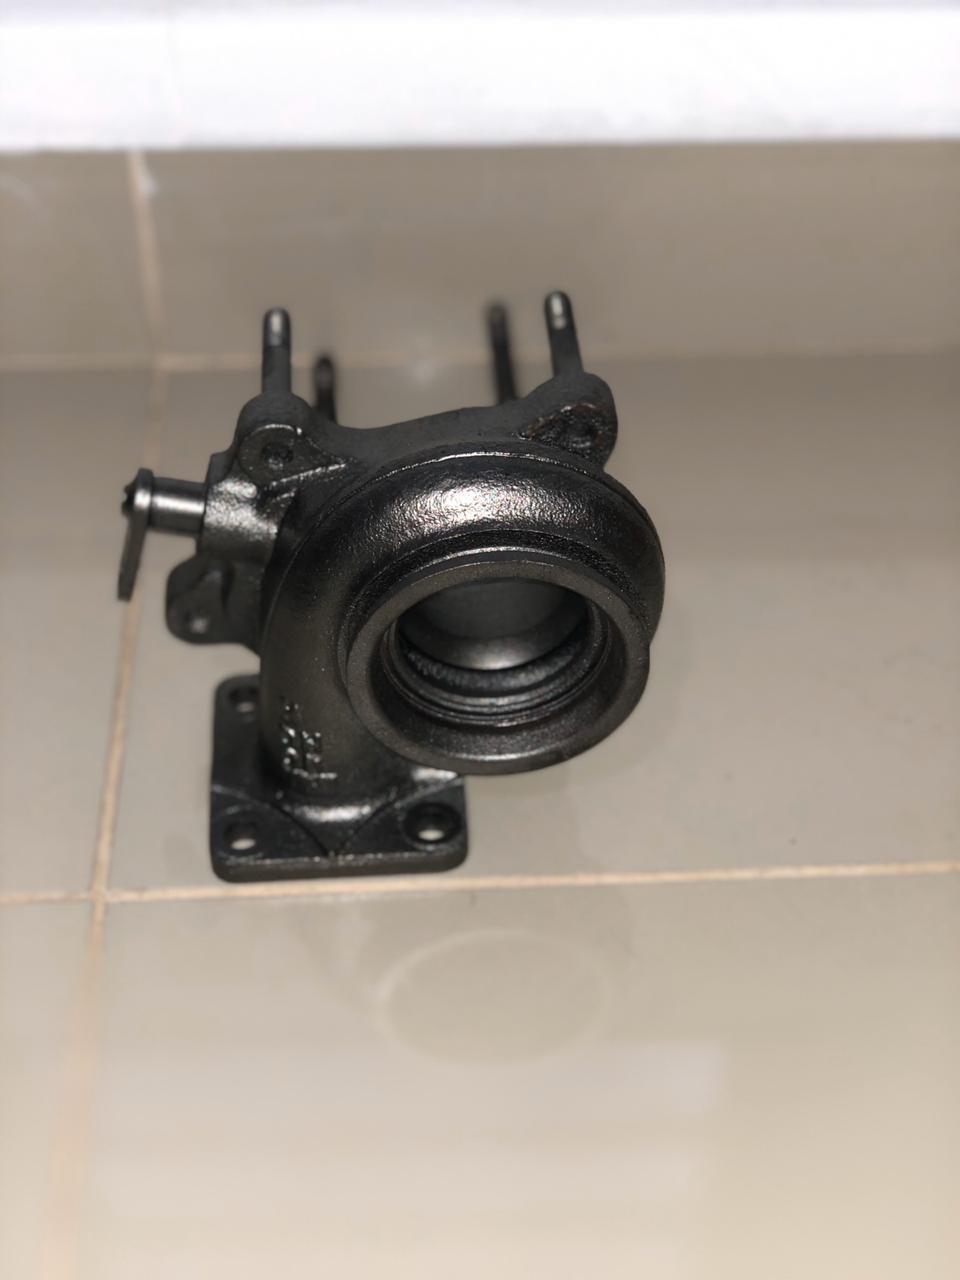 Caracol Excape Turbo 4jb1 Nkr 2 Isuzu